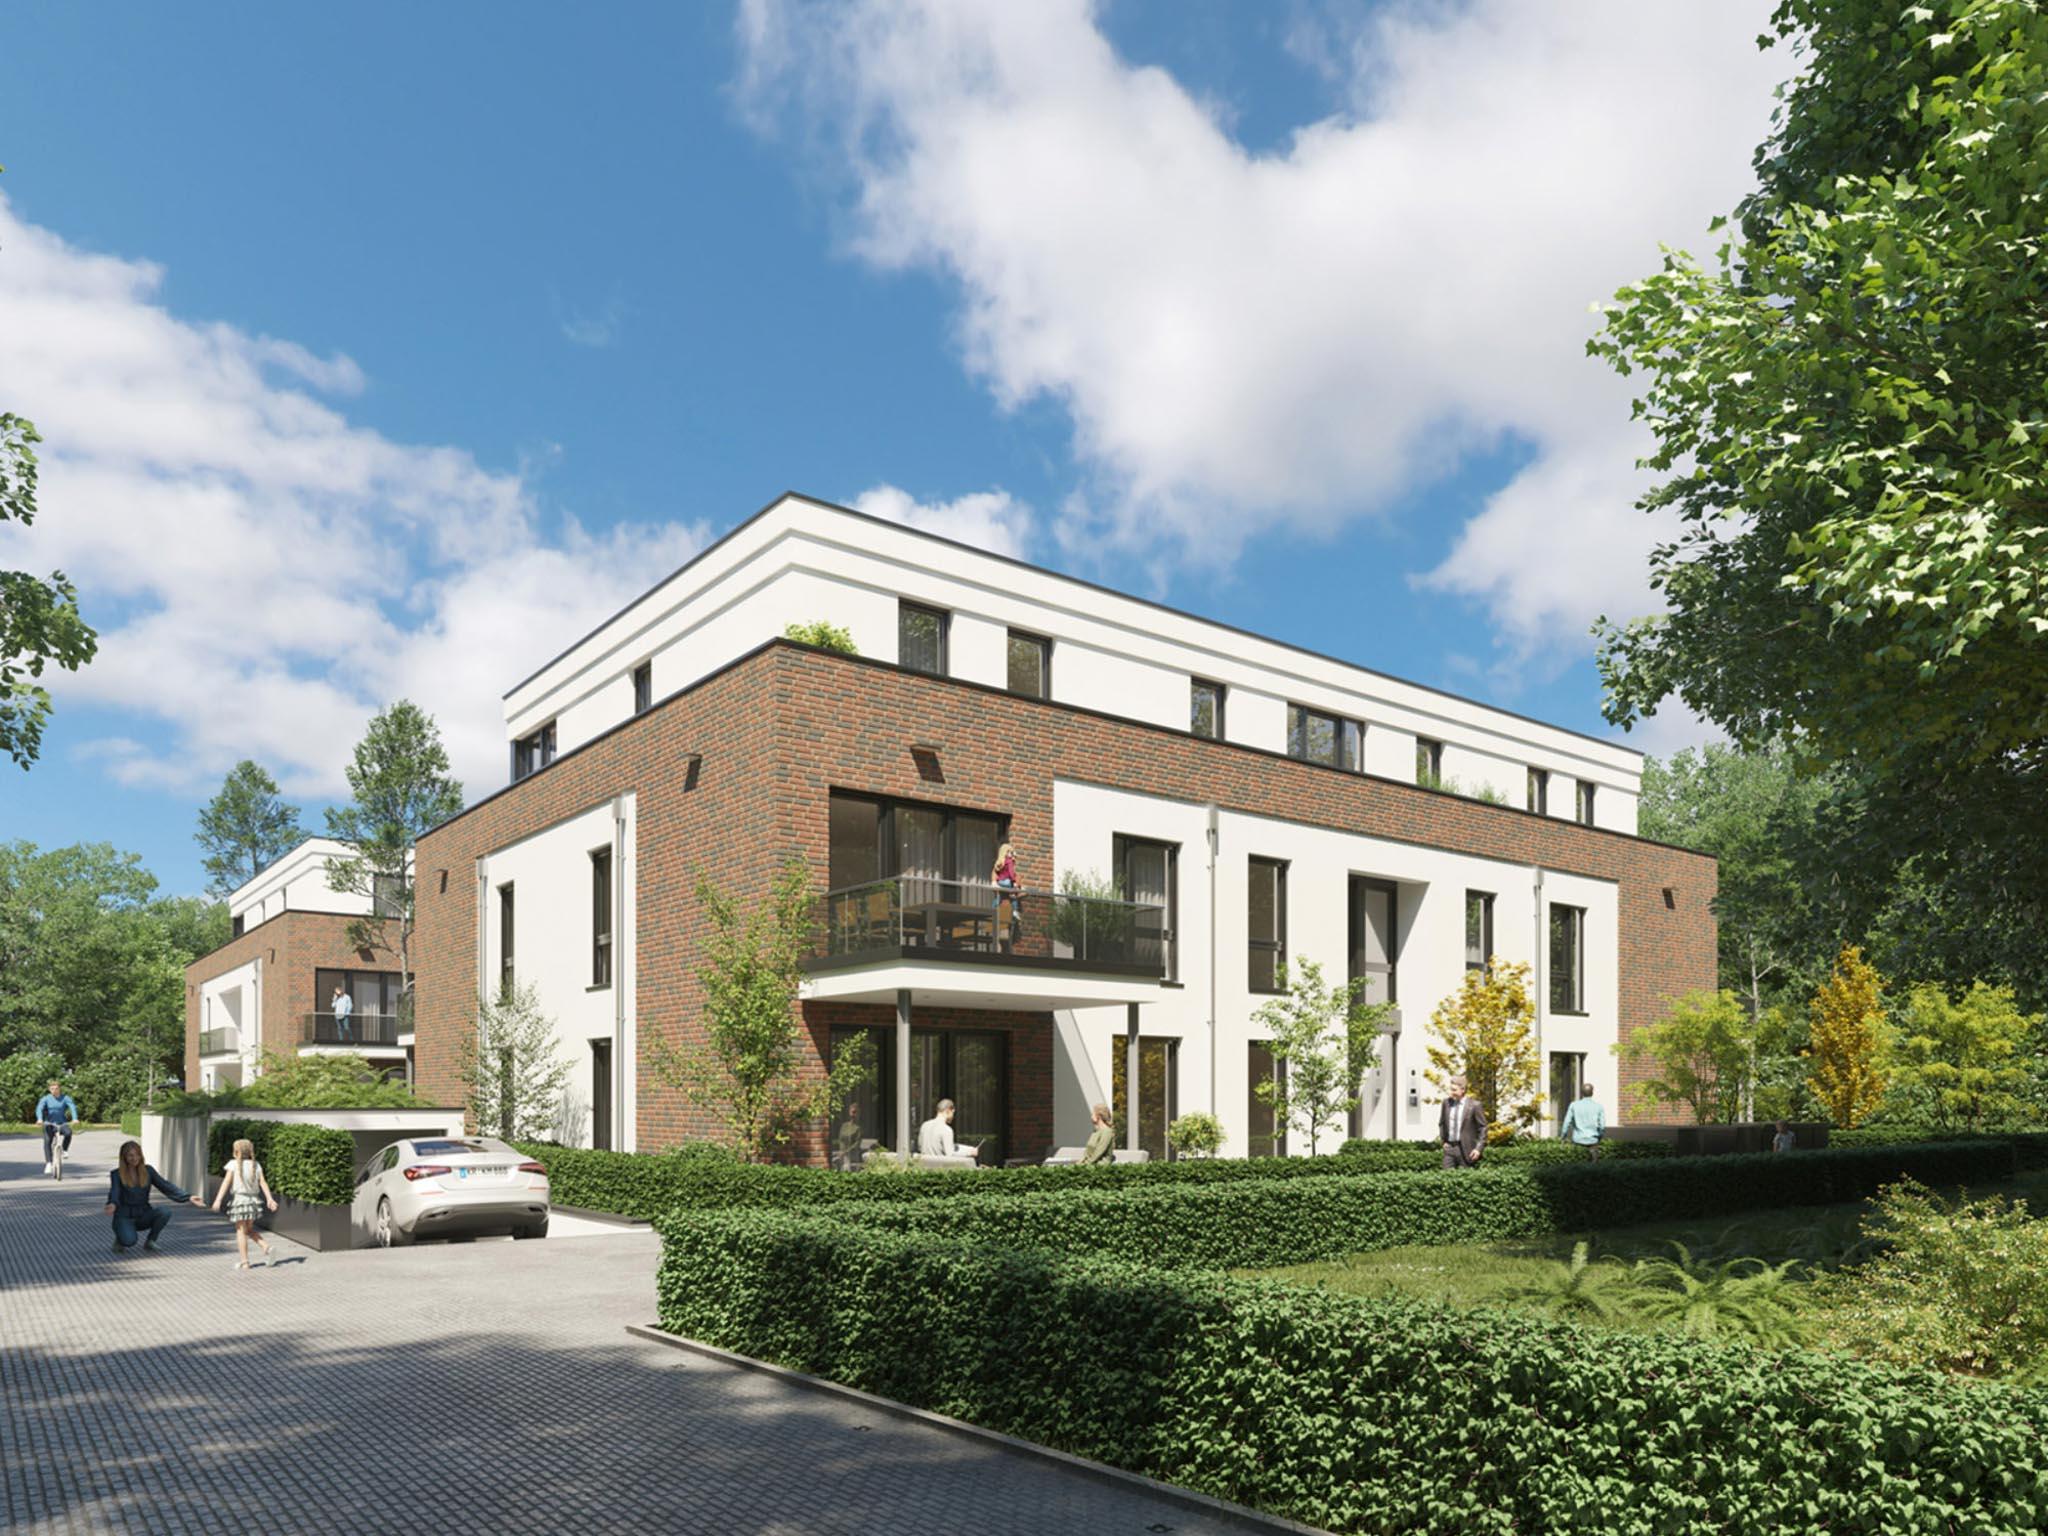 Neubau Wohnprojekt GRÜNES W in Fischeln